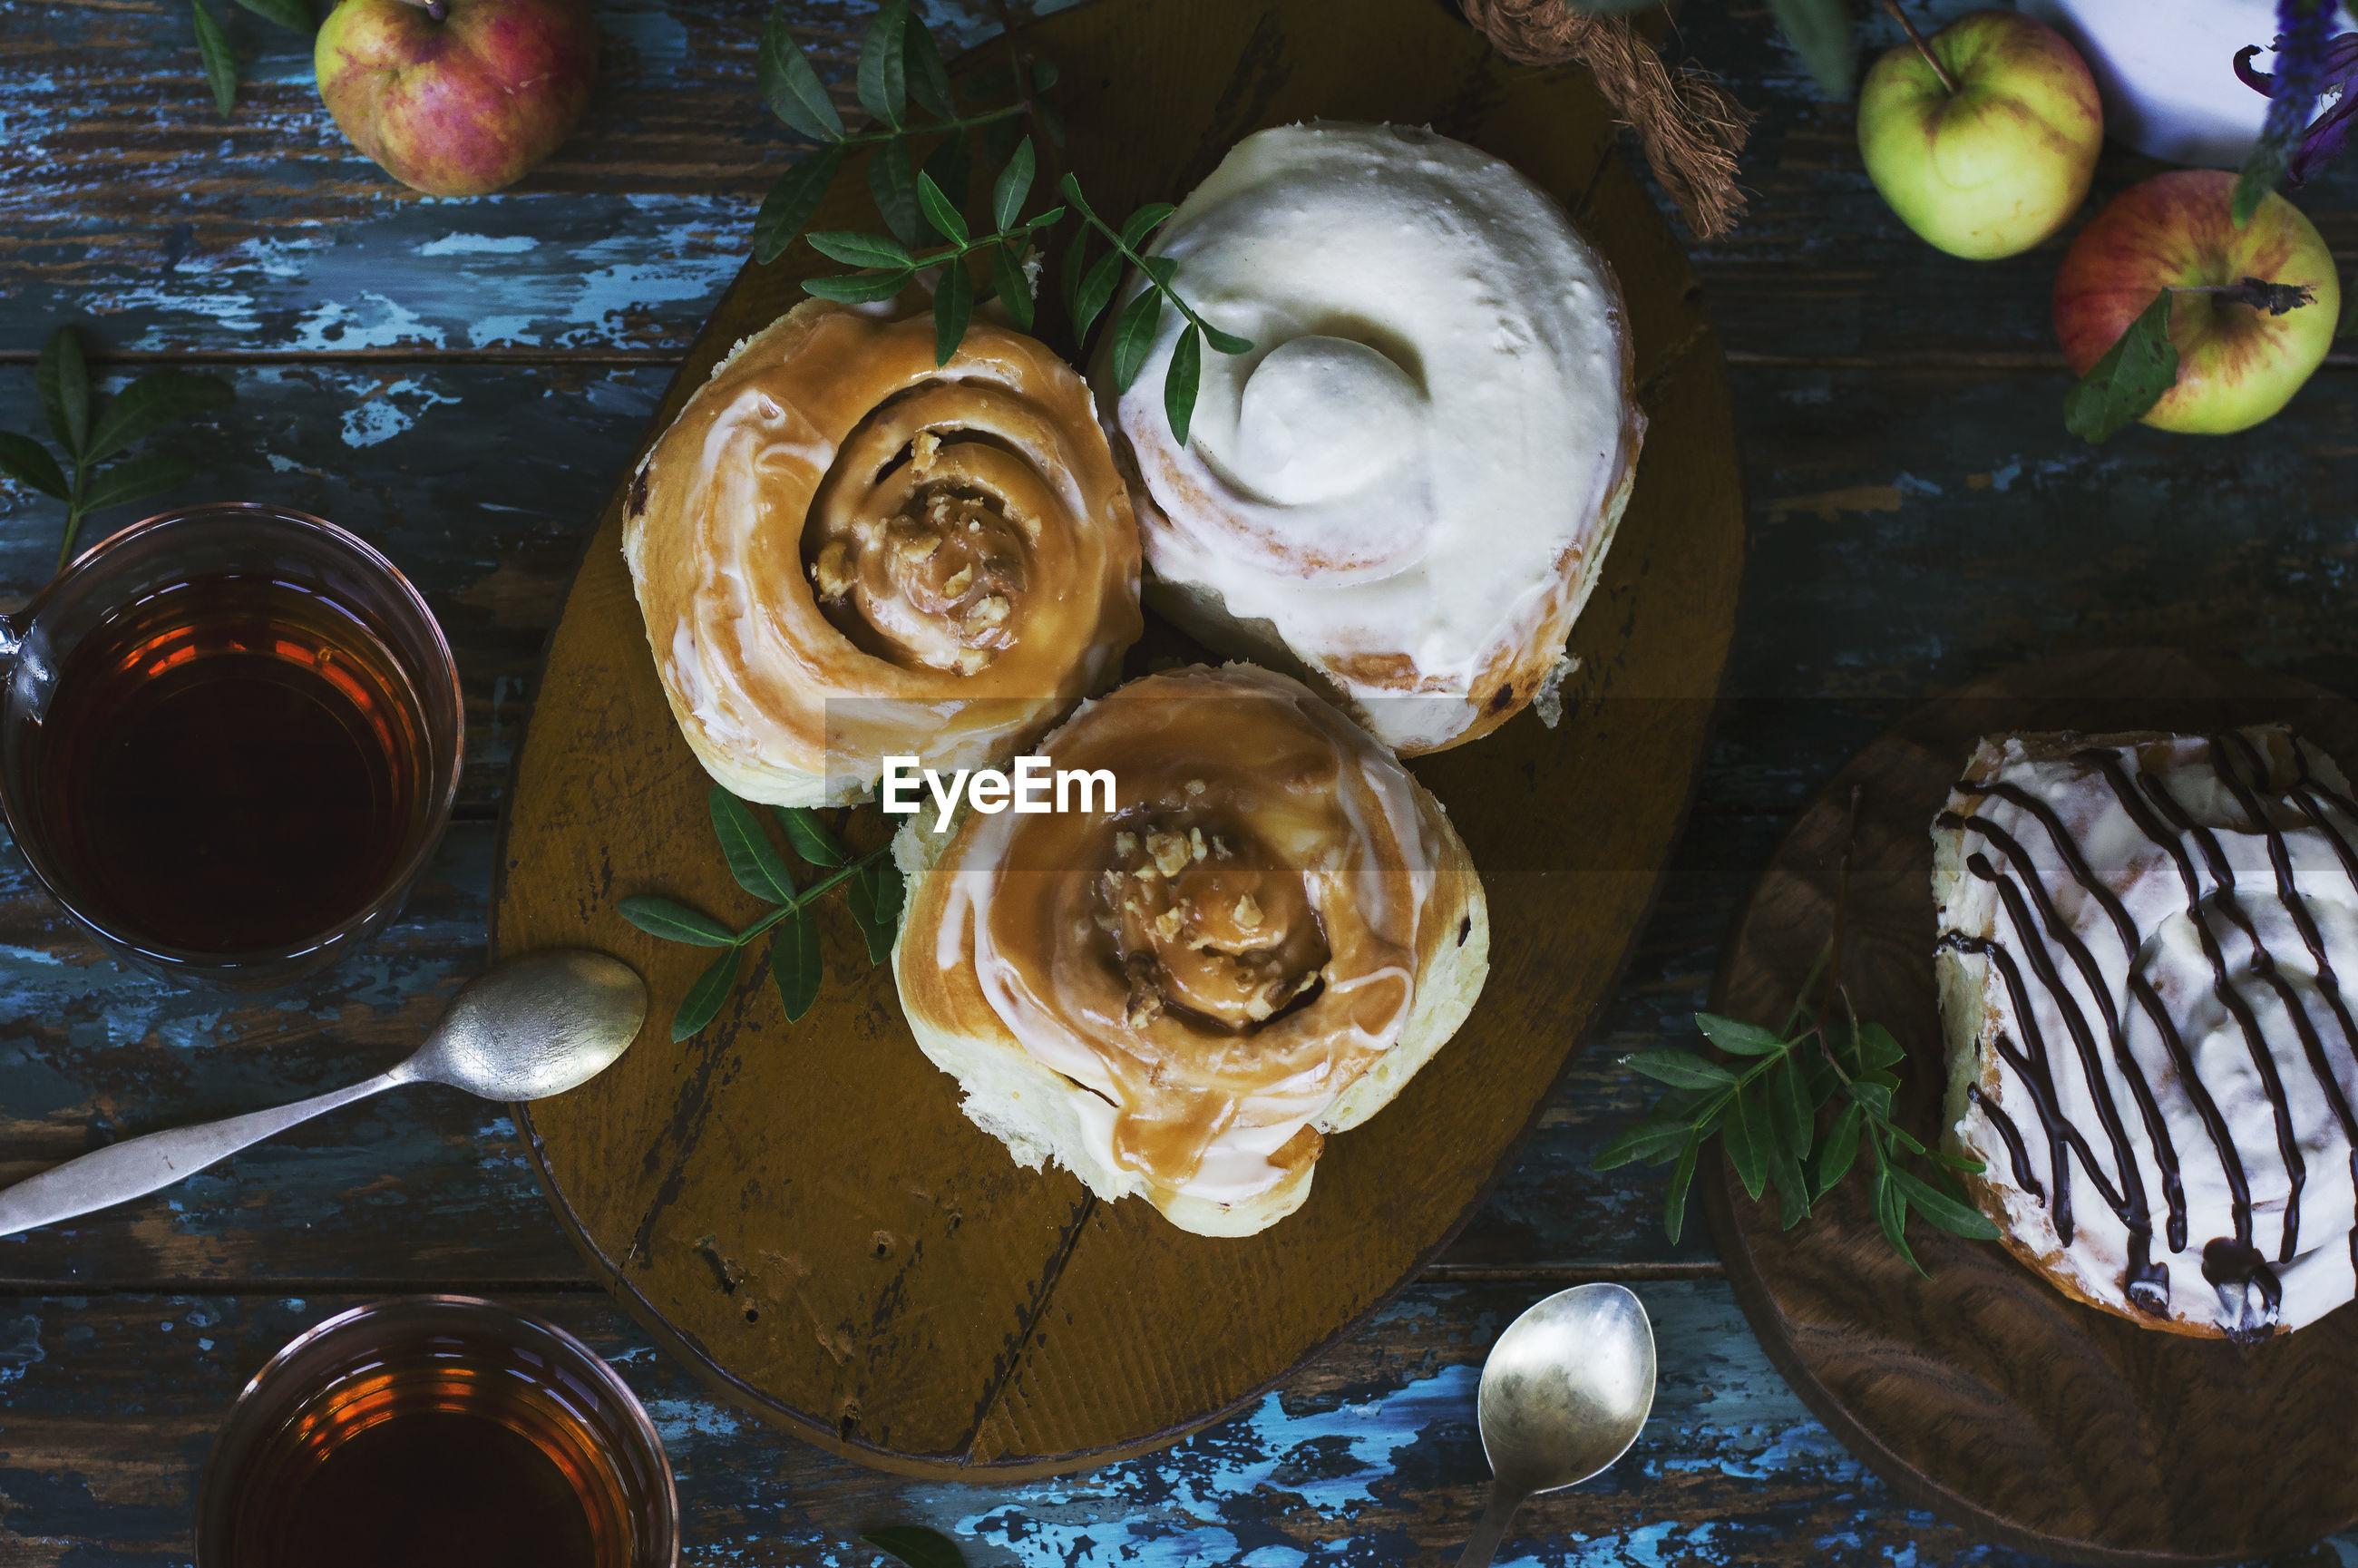 High angle view of cinnamon bun and apples on table